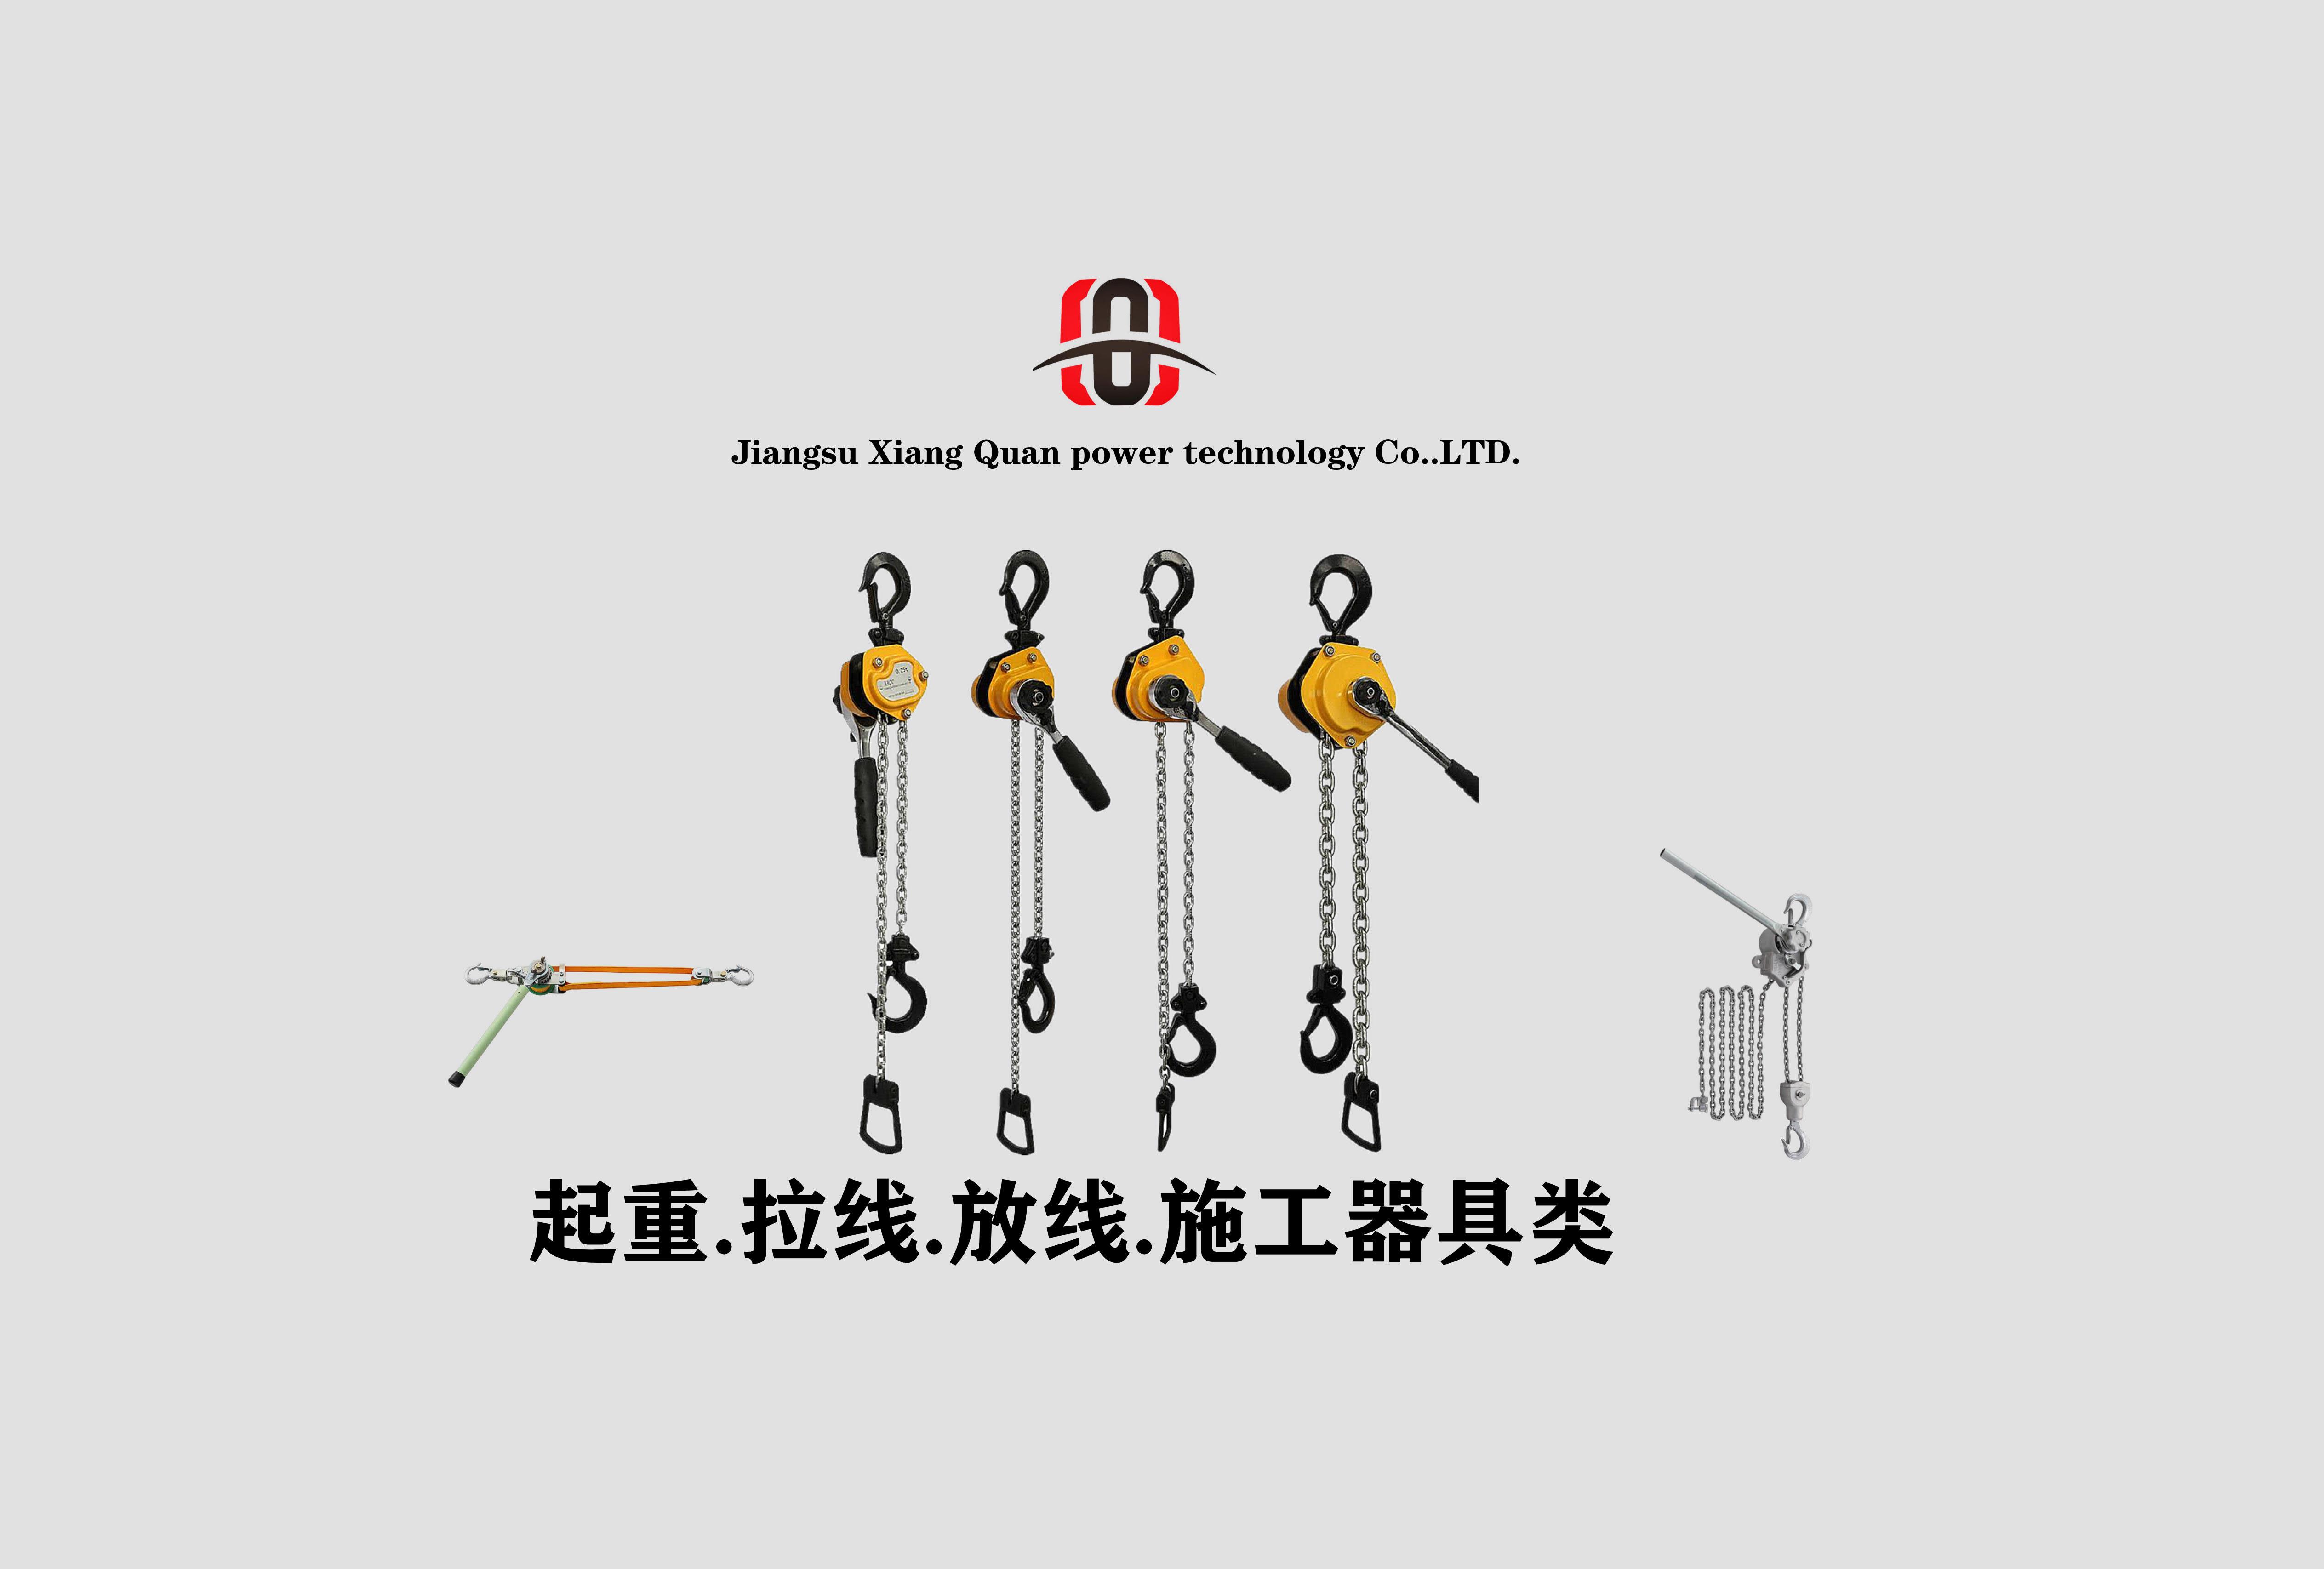 江蘇享全電力科技有限公司_1_42